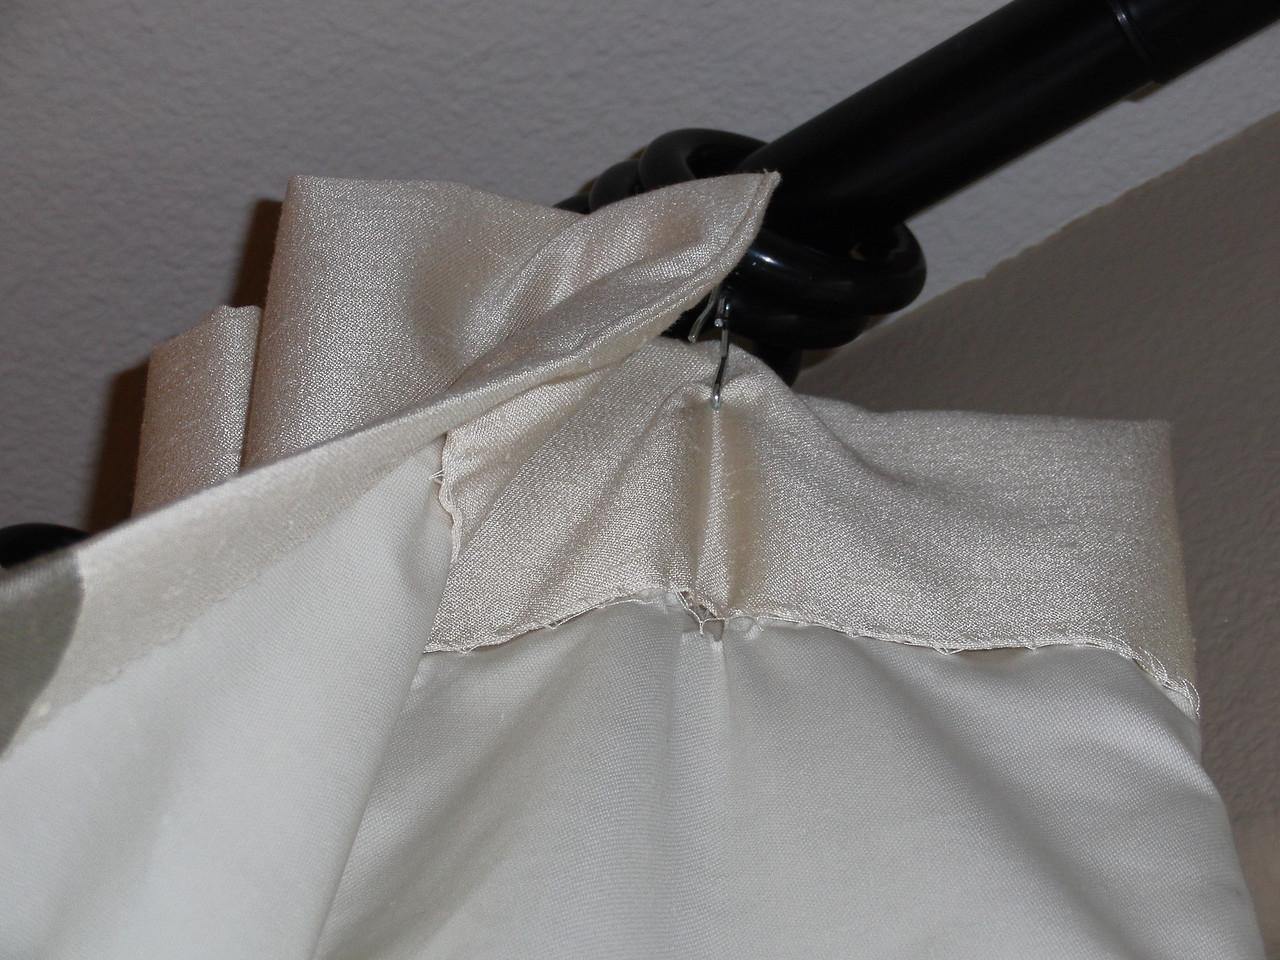 Master bedroom curtain rod/ring/hook details.